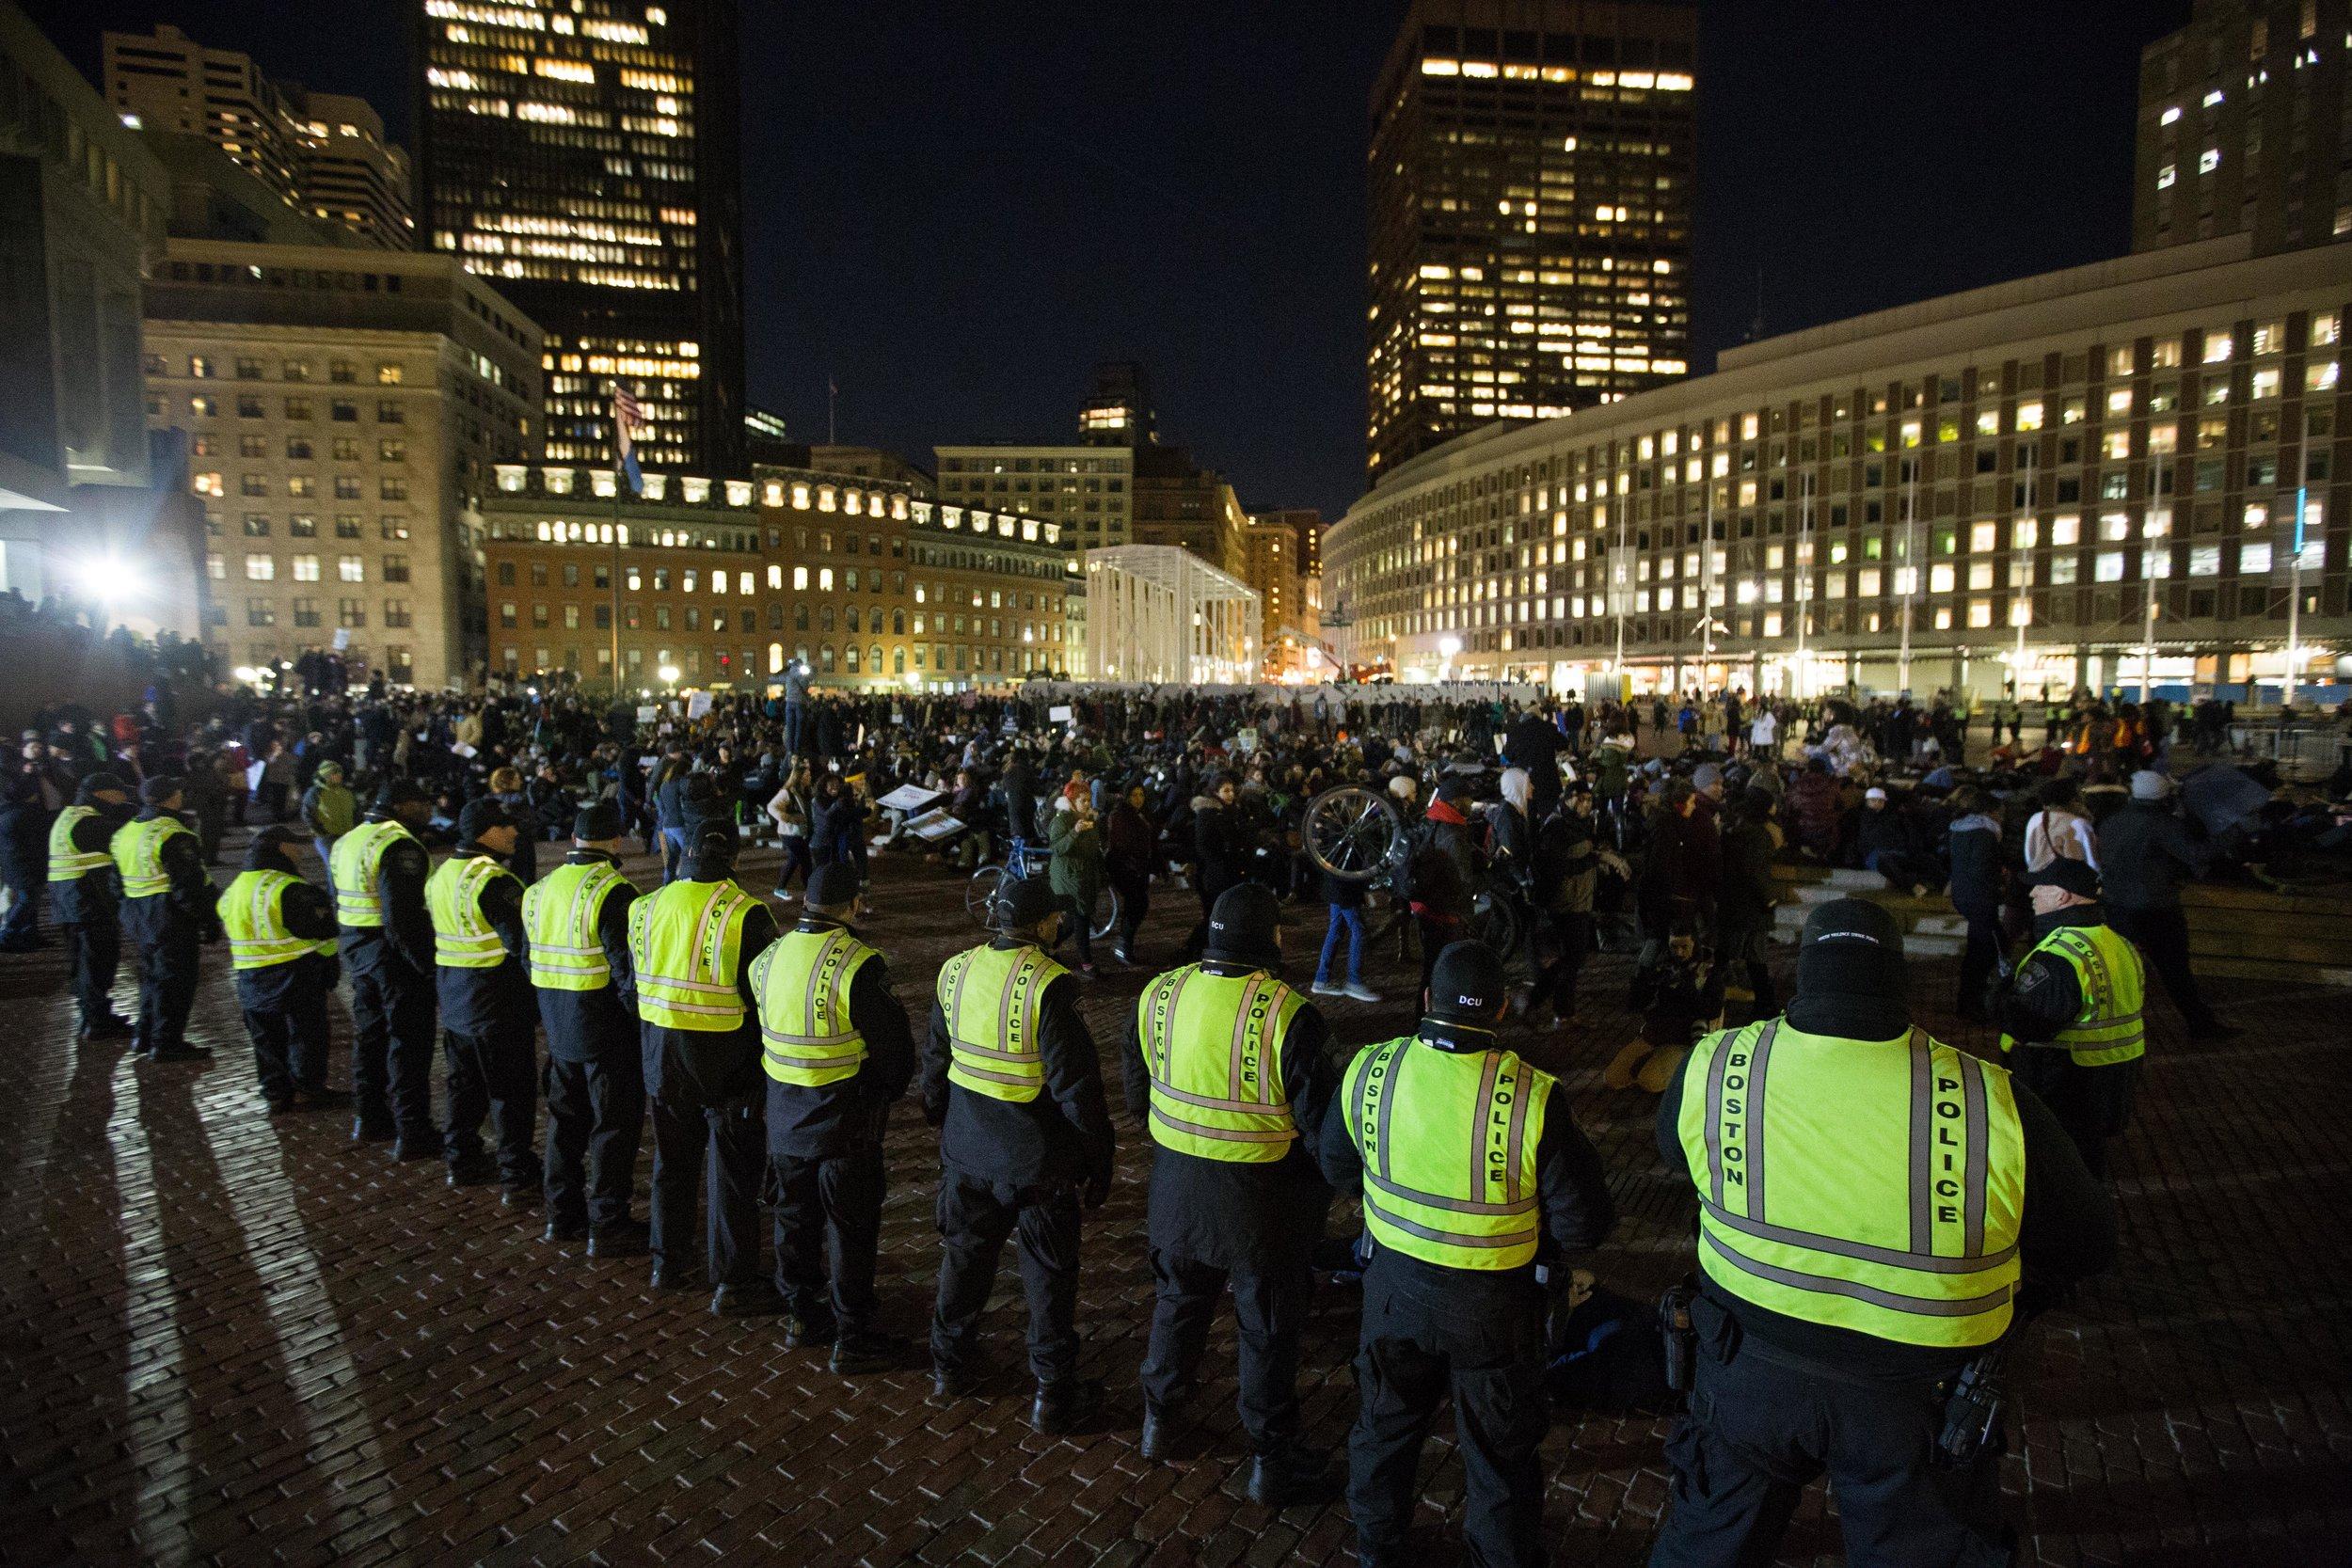 12/04/14 - Michael Brown Protests - Boston, MA